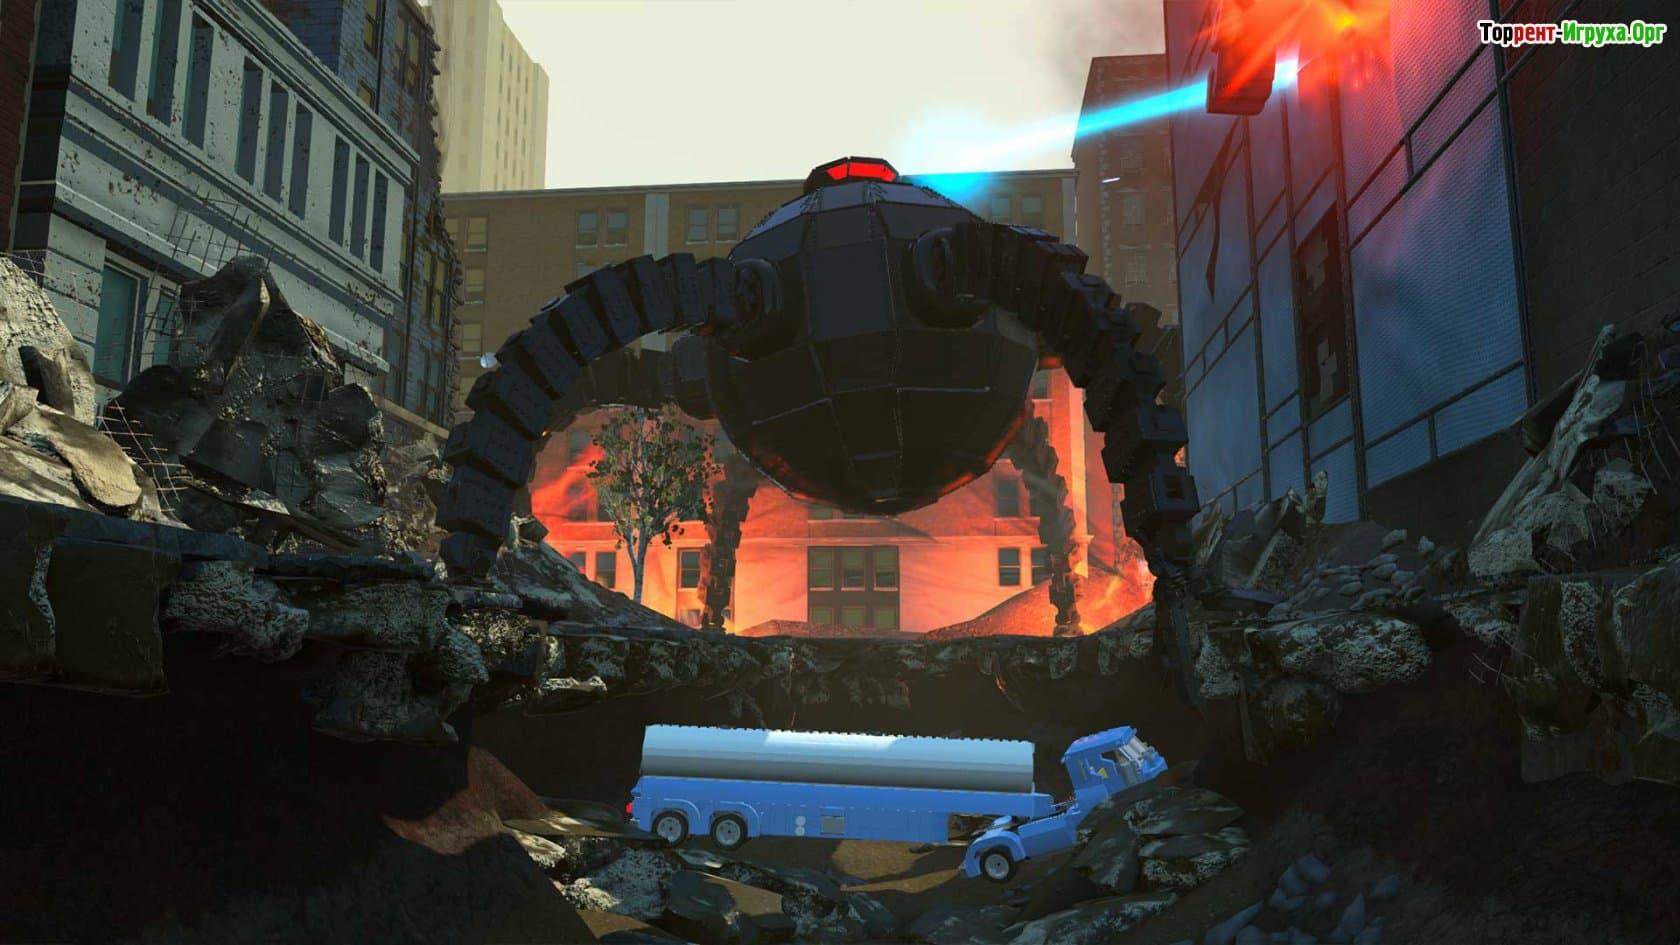 скачать игру fallout 4 через торрент от механиков 32 бит